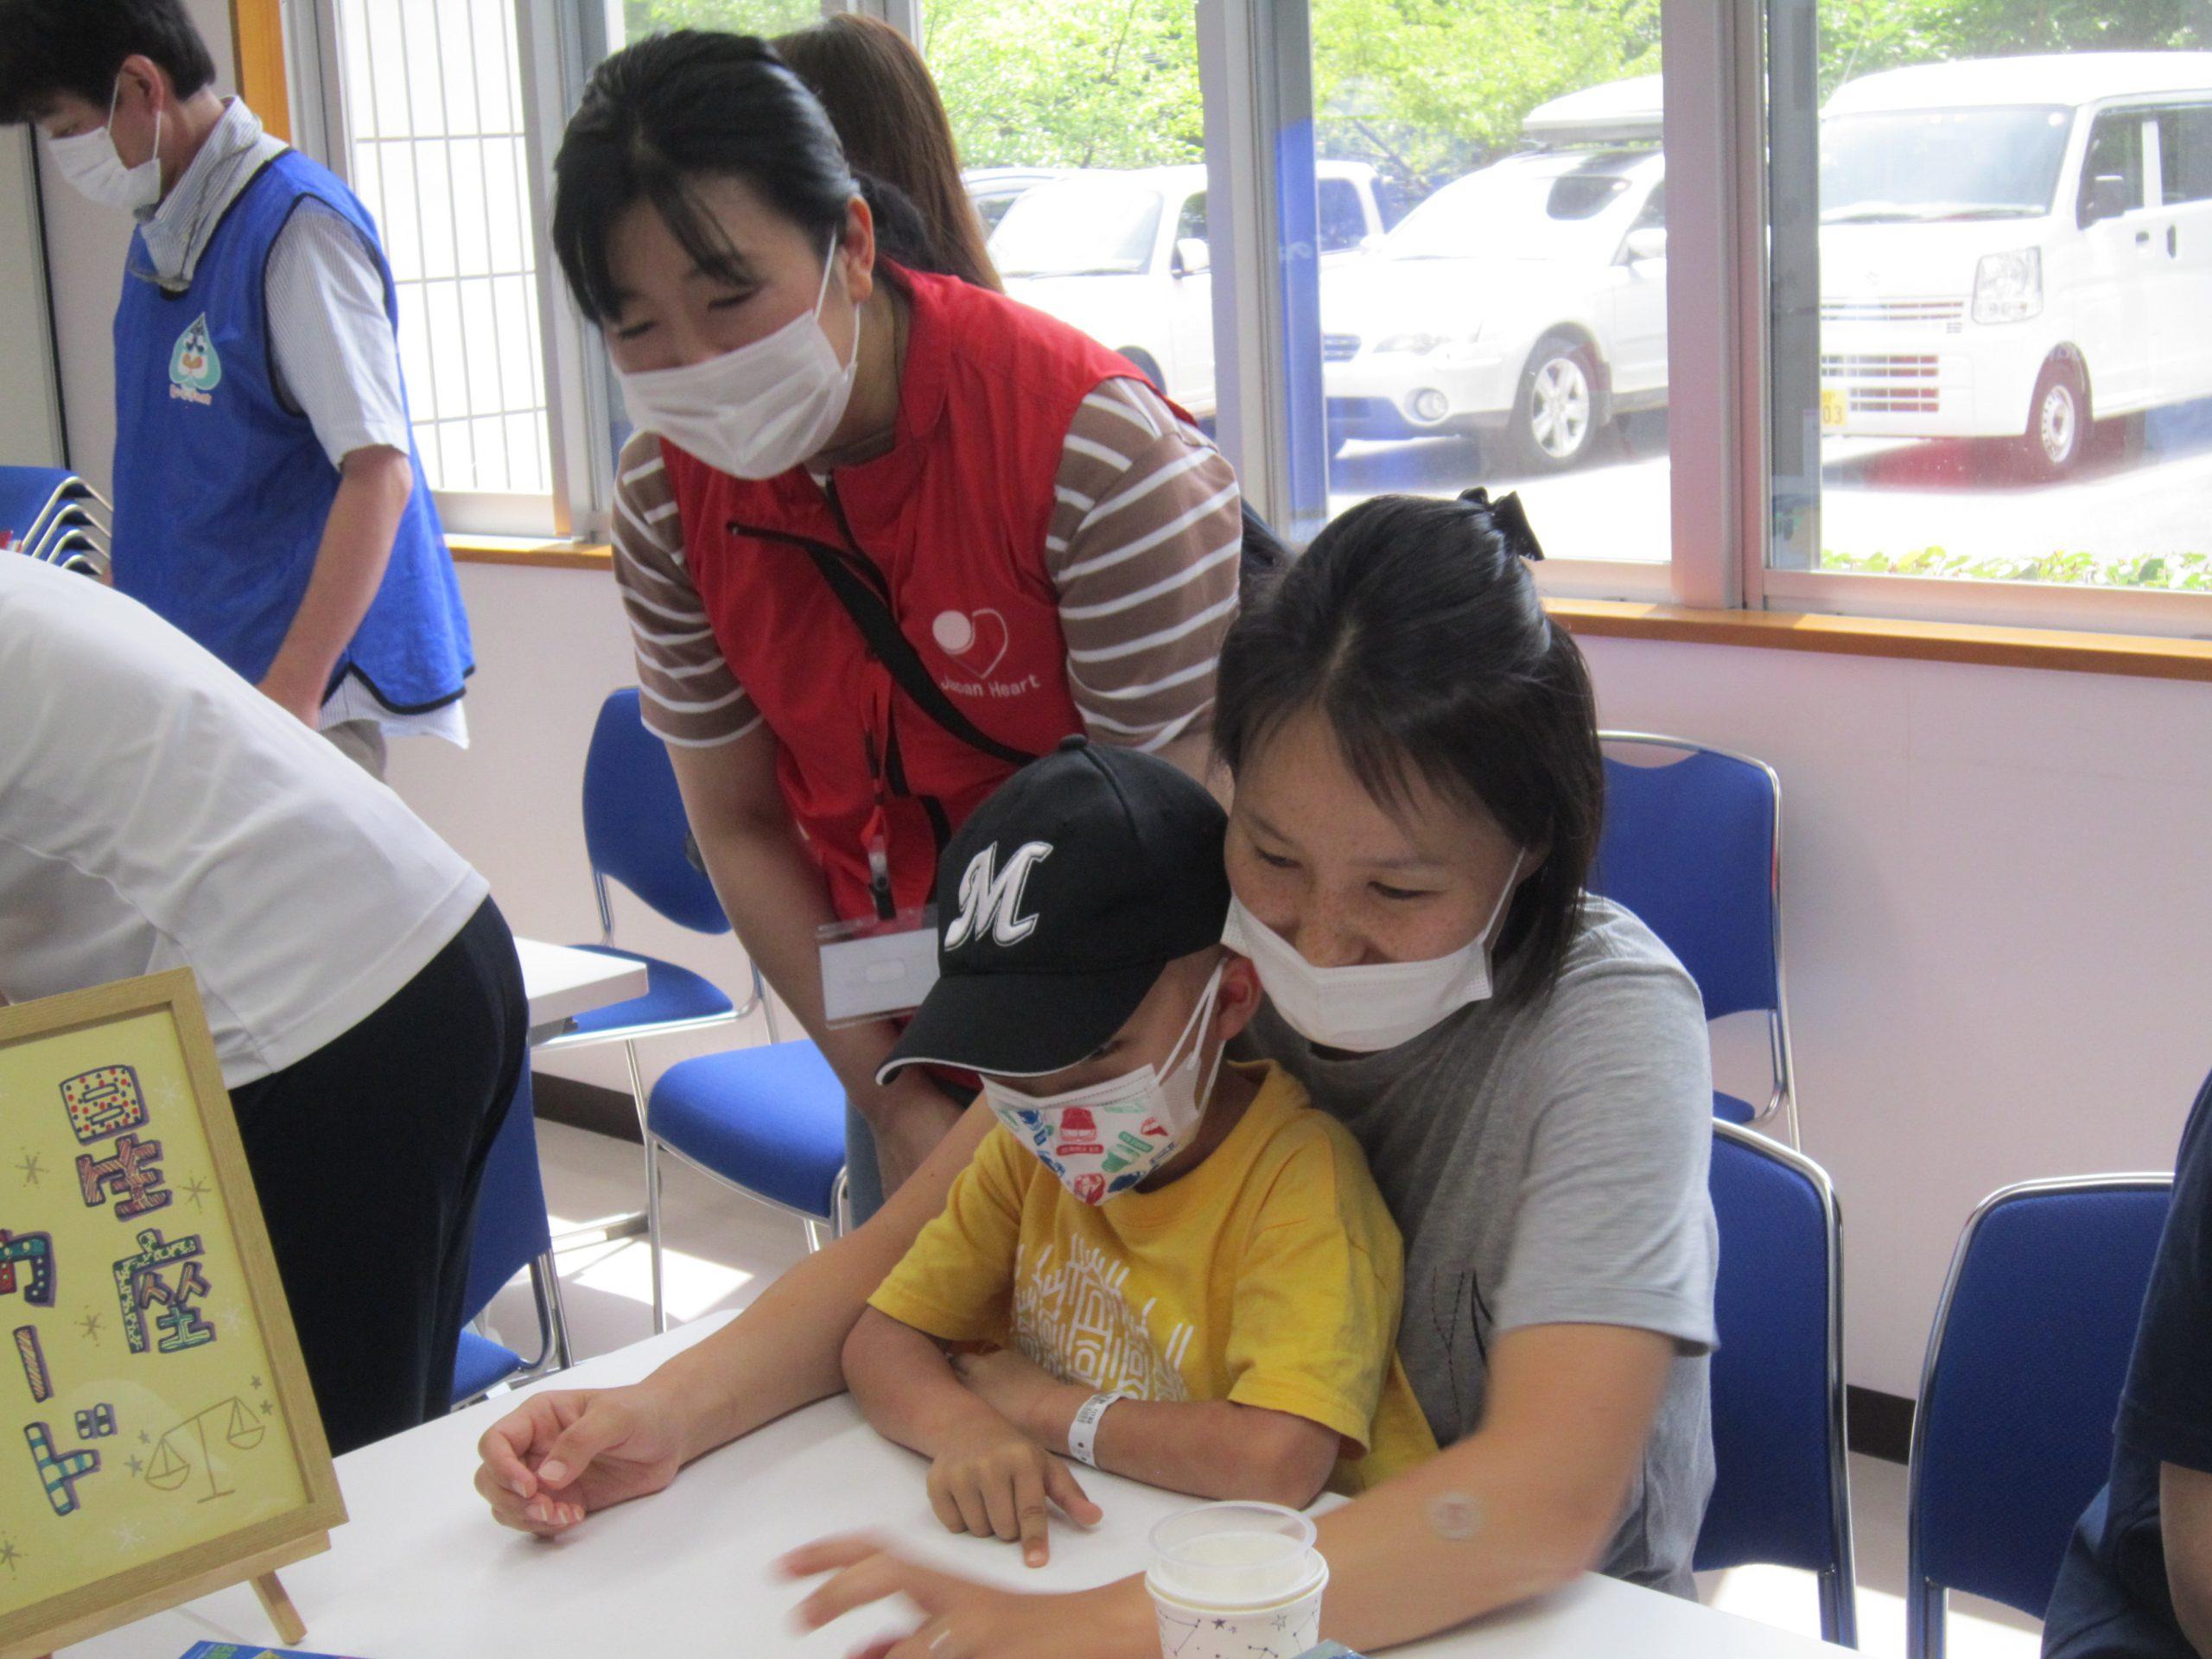 7月31日 千葉県こども病院 プラネタリウム